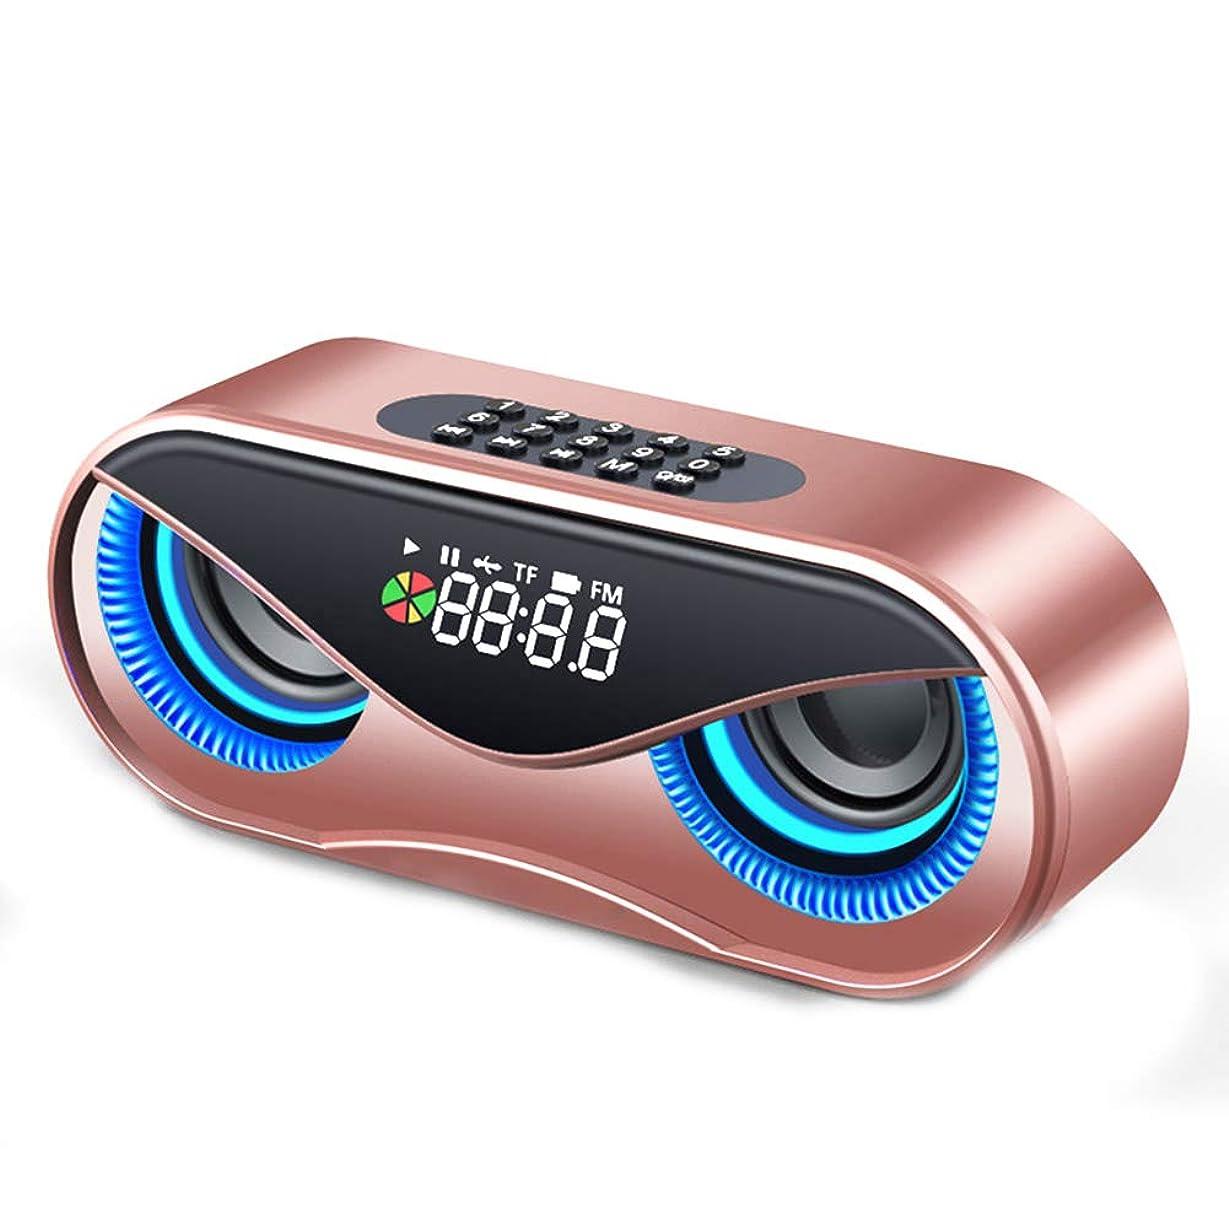 ペルーナプキン千Yimoer ポータブル スピーカー ラウドスピーカー 高音質 割に合う製品でござる Bluetoothスピーカー フクロウBluetoothスピーカー ダブルスピーカー 目覚まし時計 ミニステレオスピーカー ホーム ベッドルーム オフィス レトロな無線通信スピーカーラジオ形状ヴィンテージミニかわいいスピーカー新しい